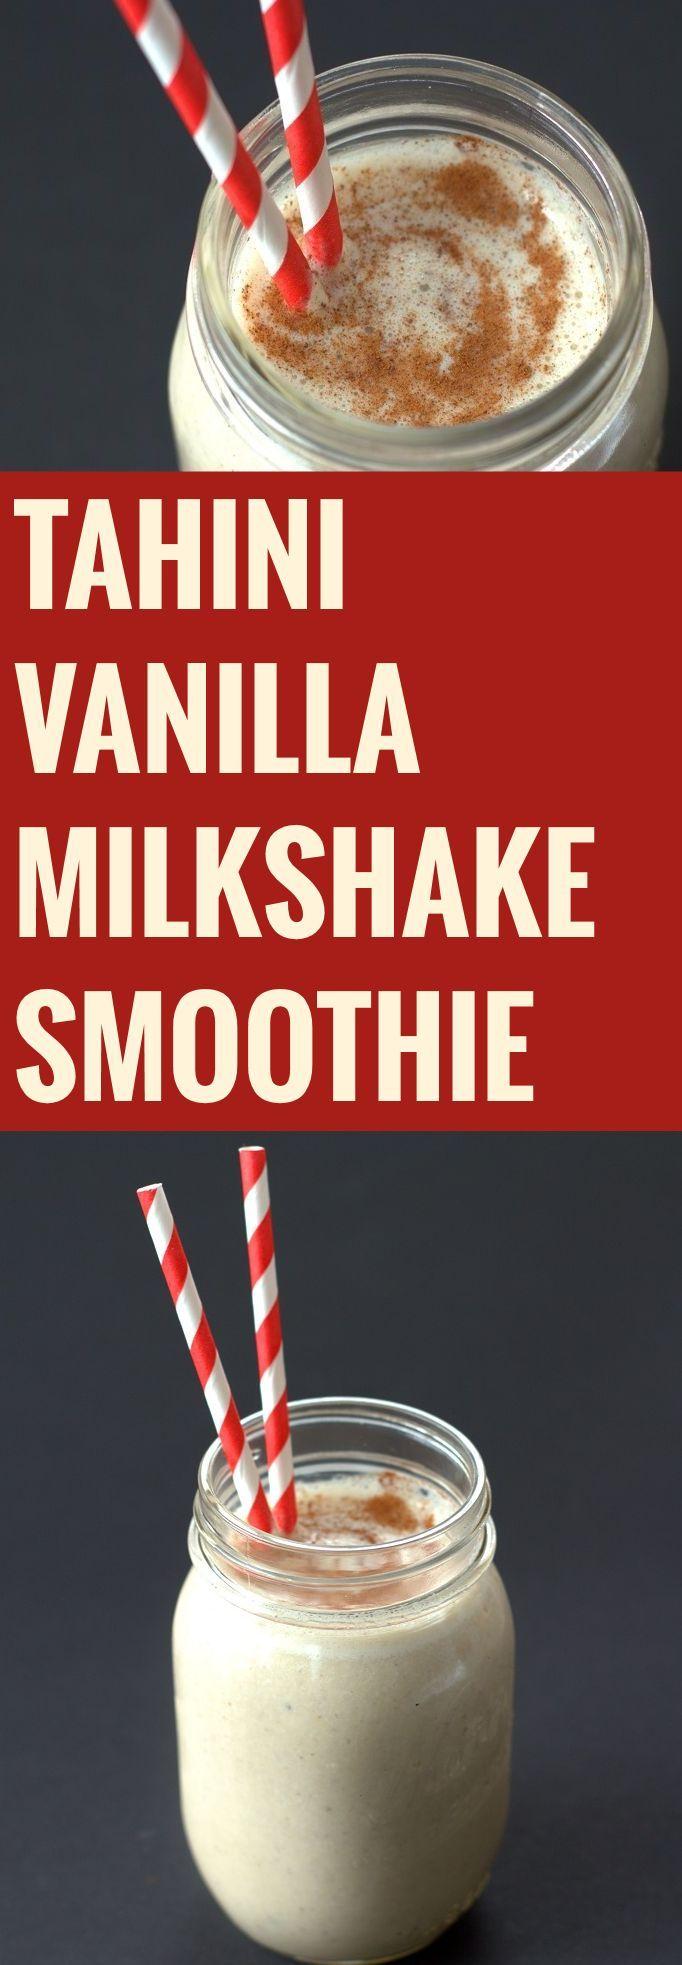 Tahini Vanilla Milkshake Smoothie